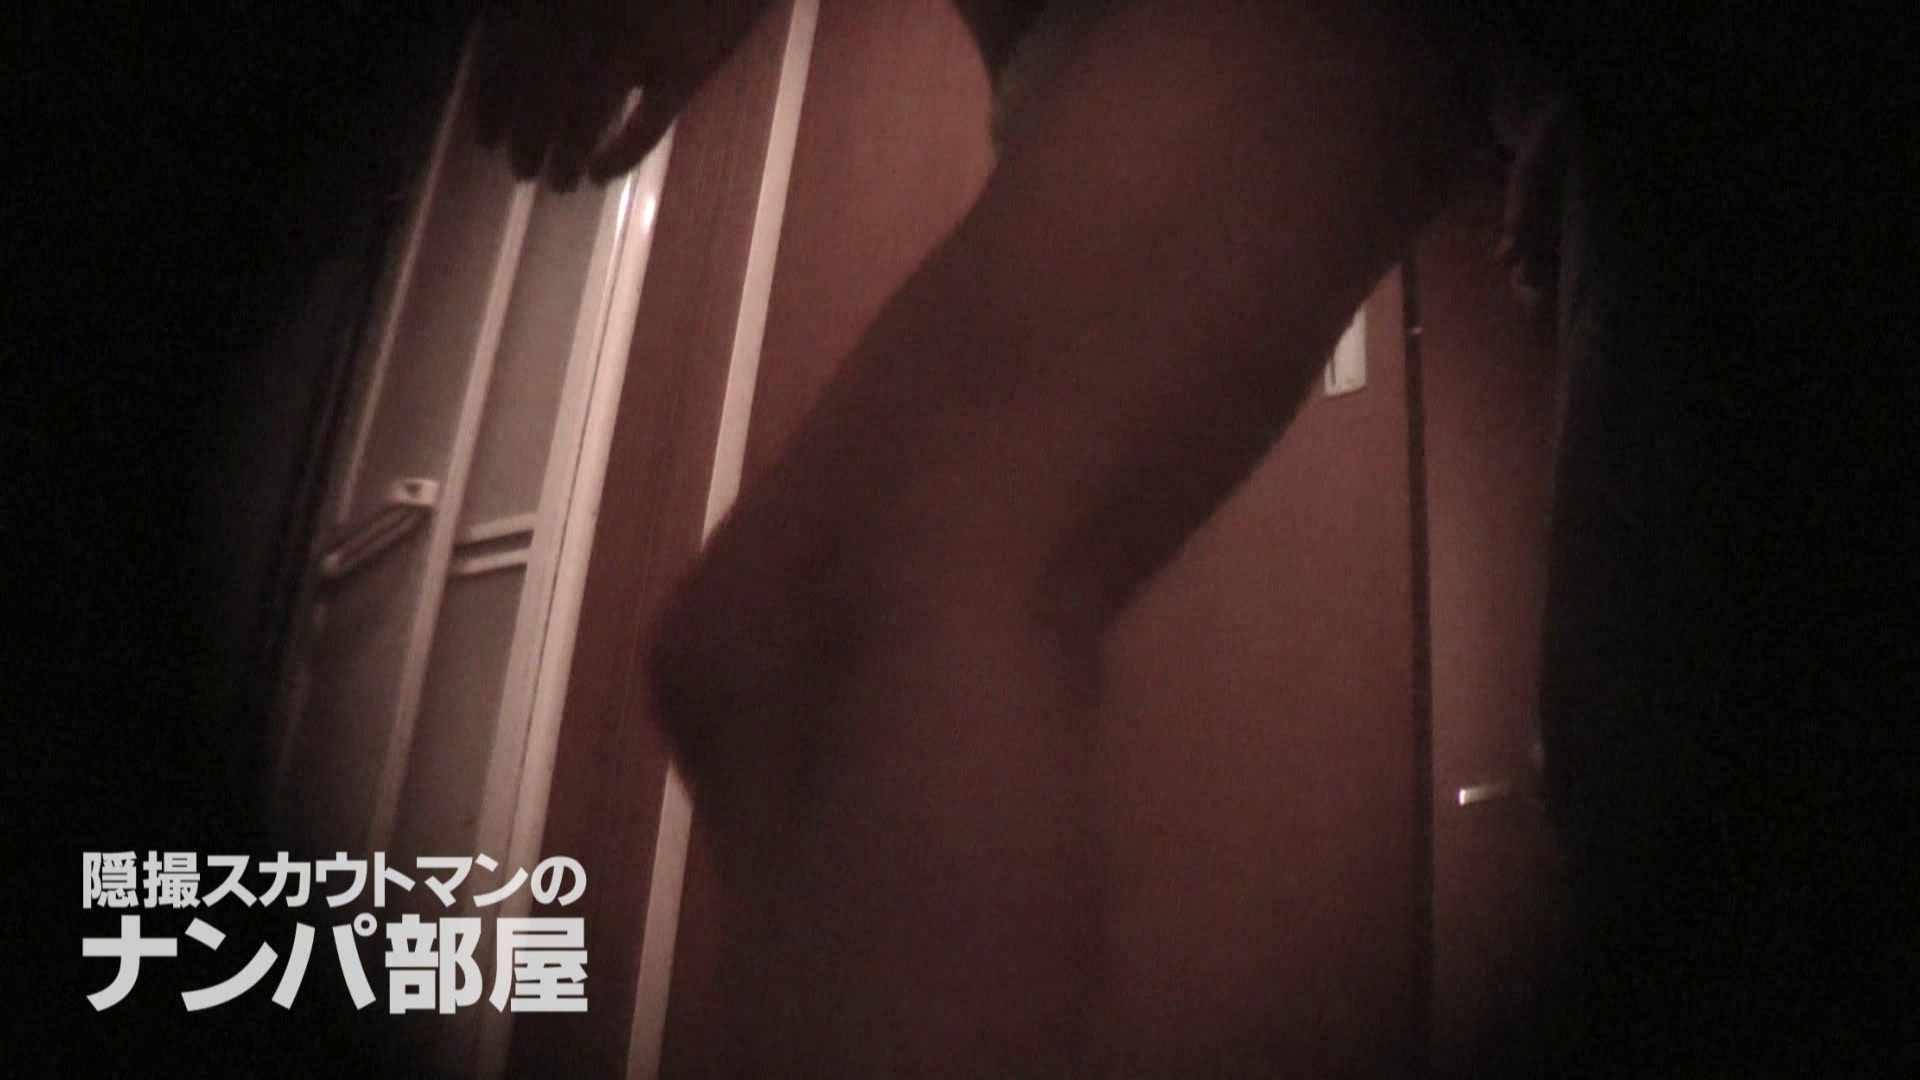 隠撮スカウトマンのナンパ部屋~風俗デビュー前のつまみ食い~ sii 脱衣所 | ナンパ  90連発 34